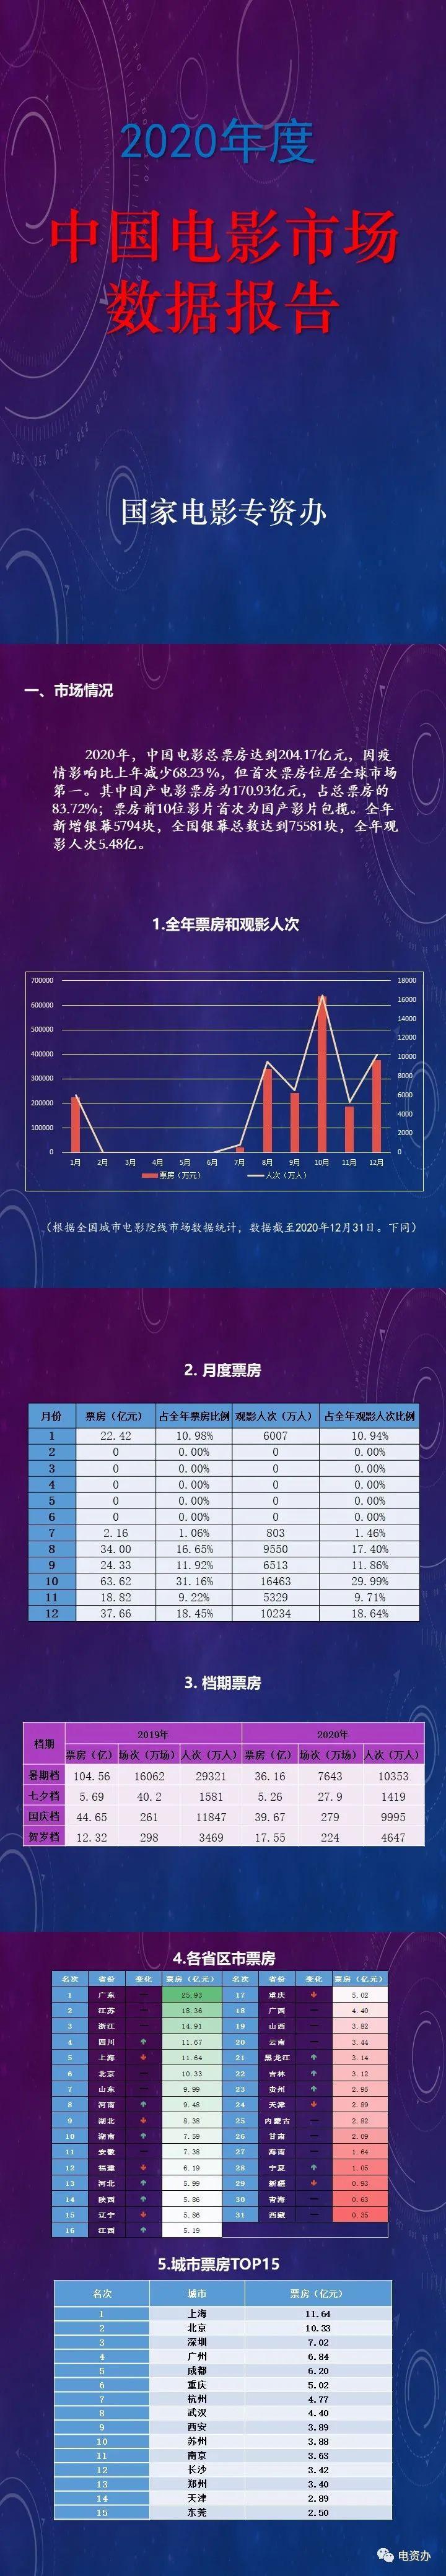 国家电影专资办发布《2020年度中国电影市场数据报告》